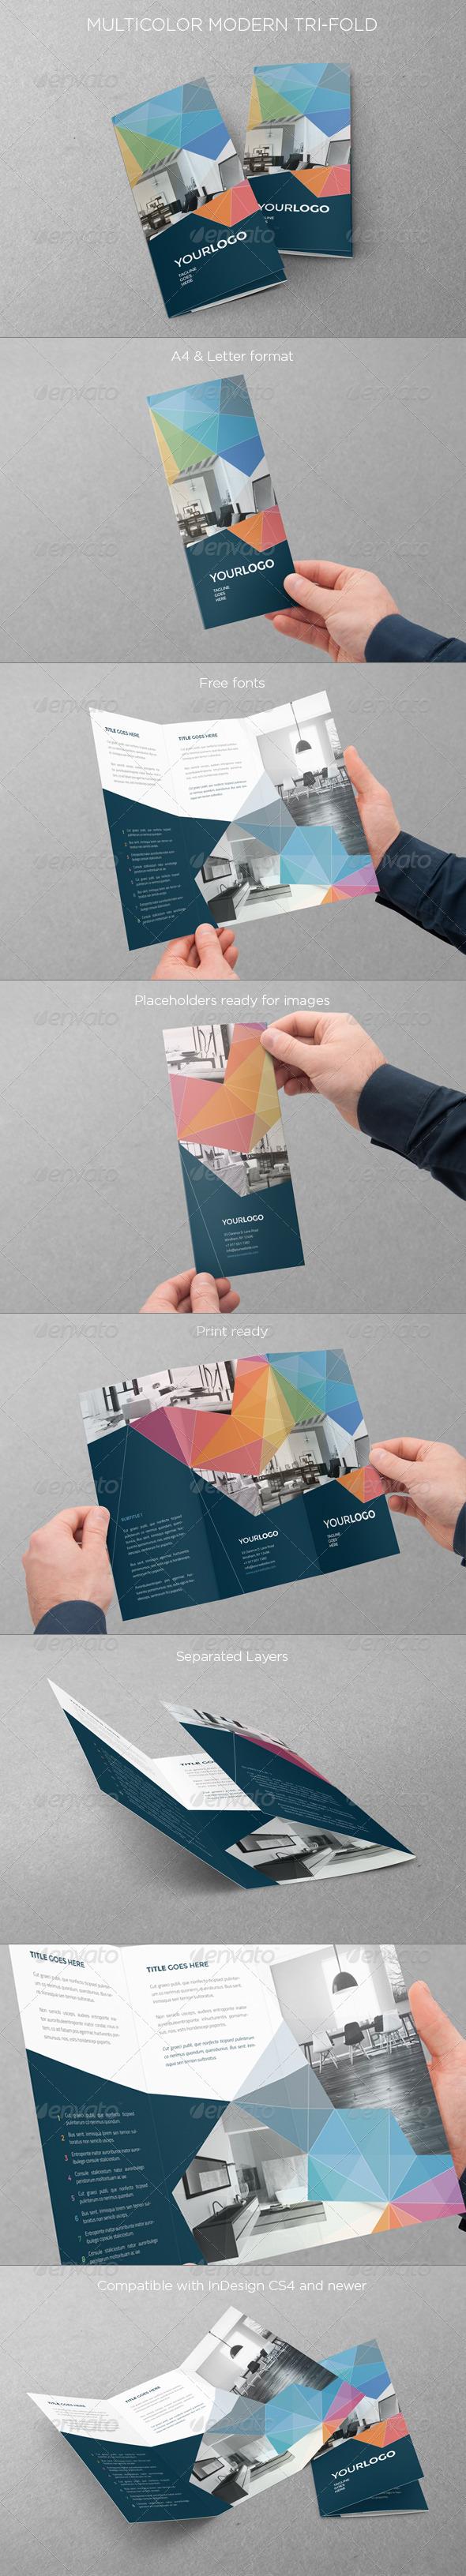 GraphicRiver Multicolor Modern Trifold 7450613